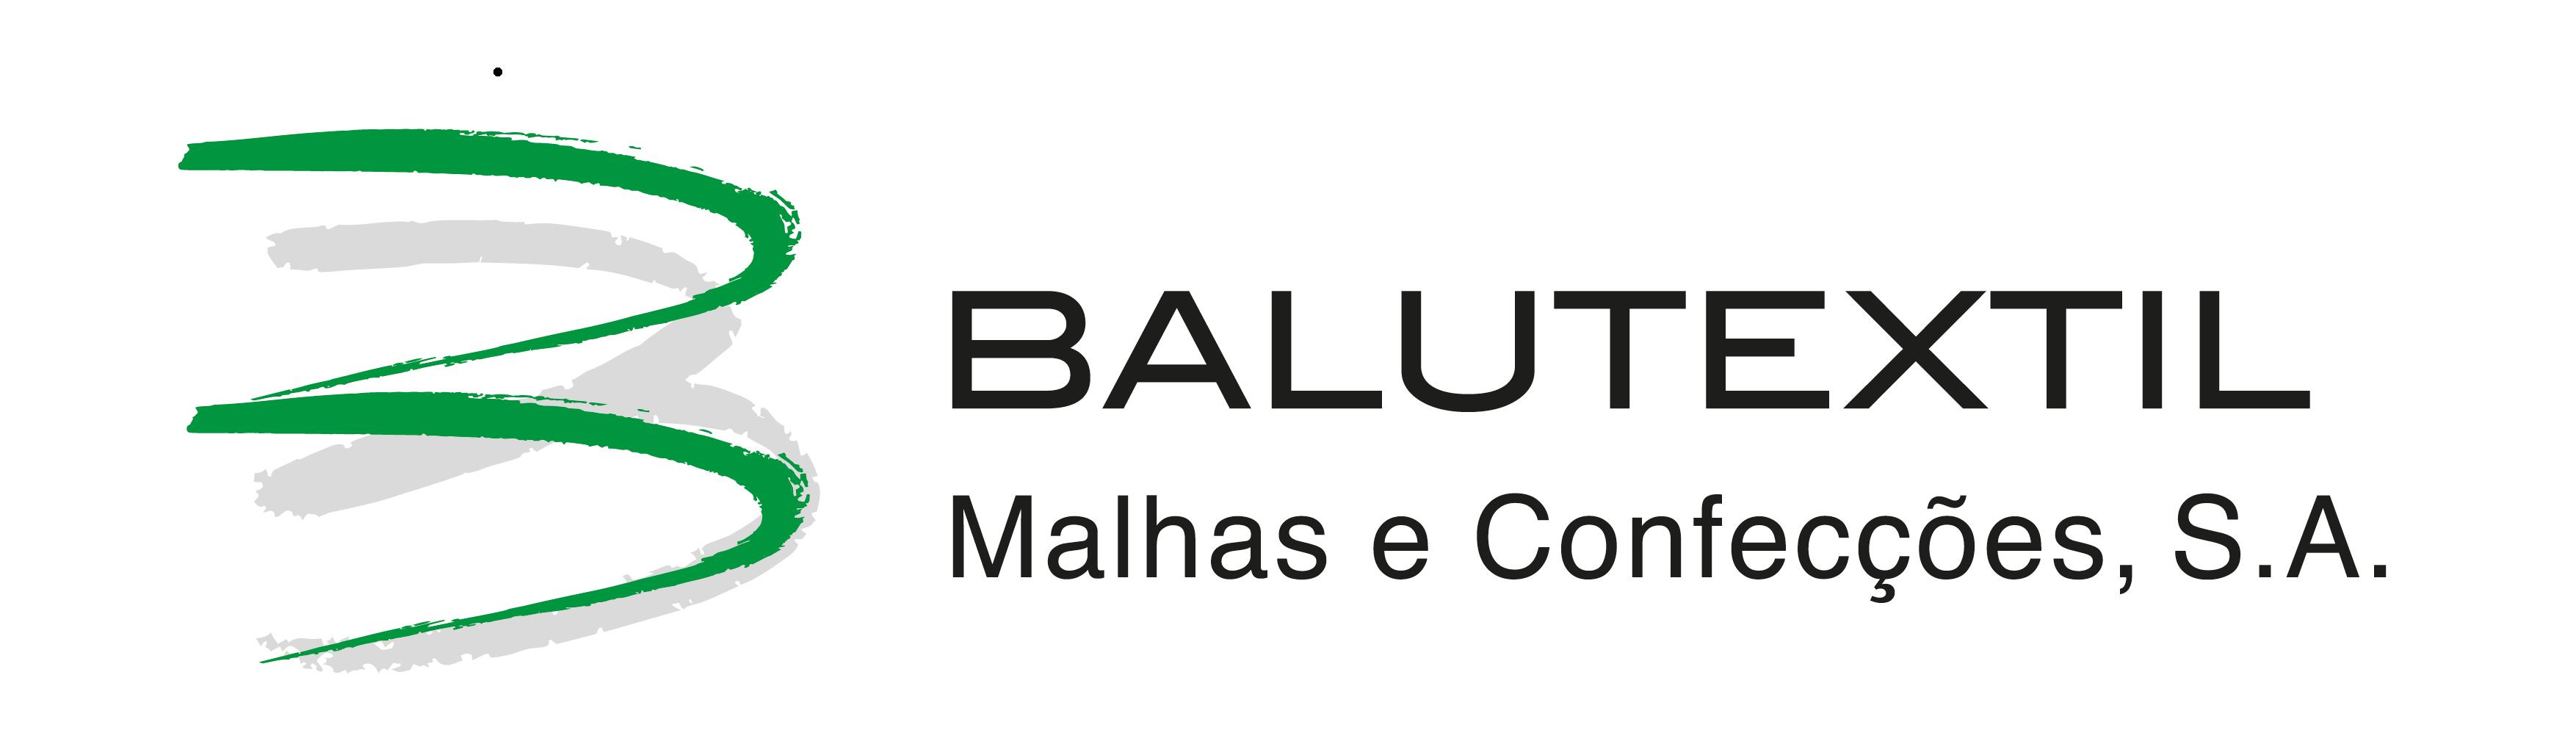 Balutextil